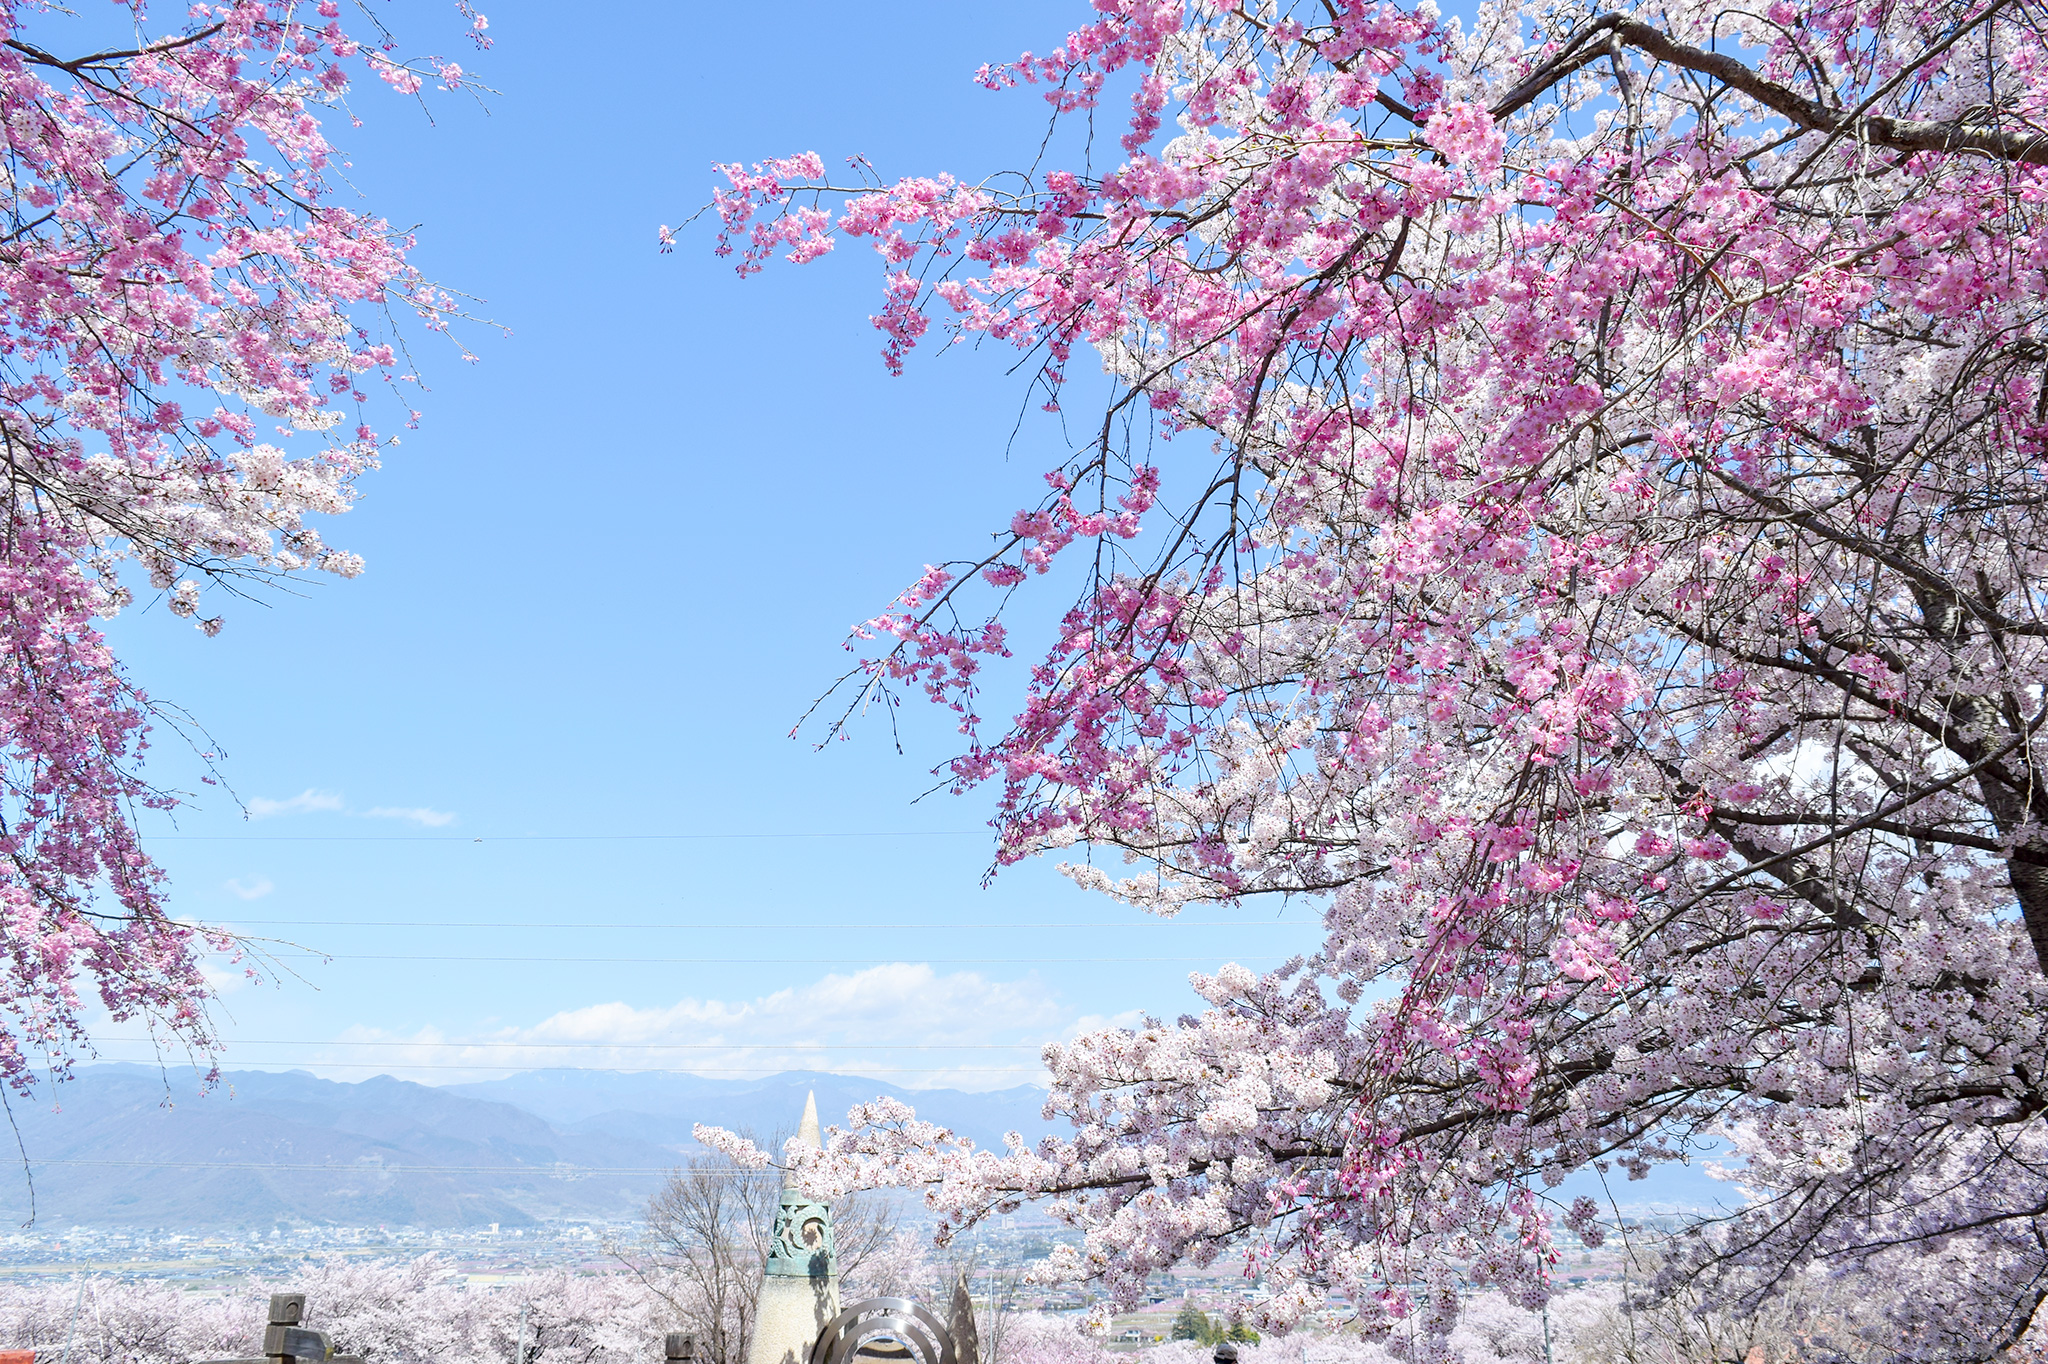 八代ふるさと公園の桜 写真3